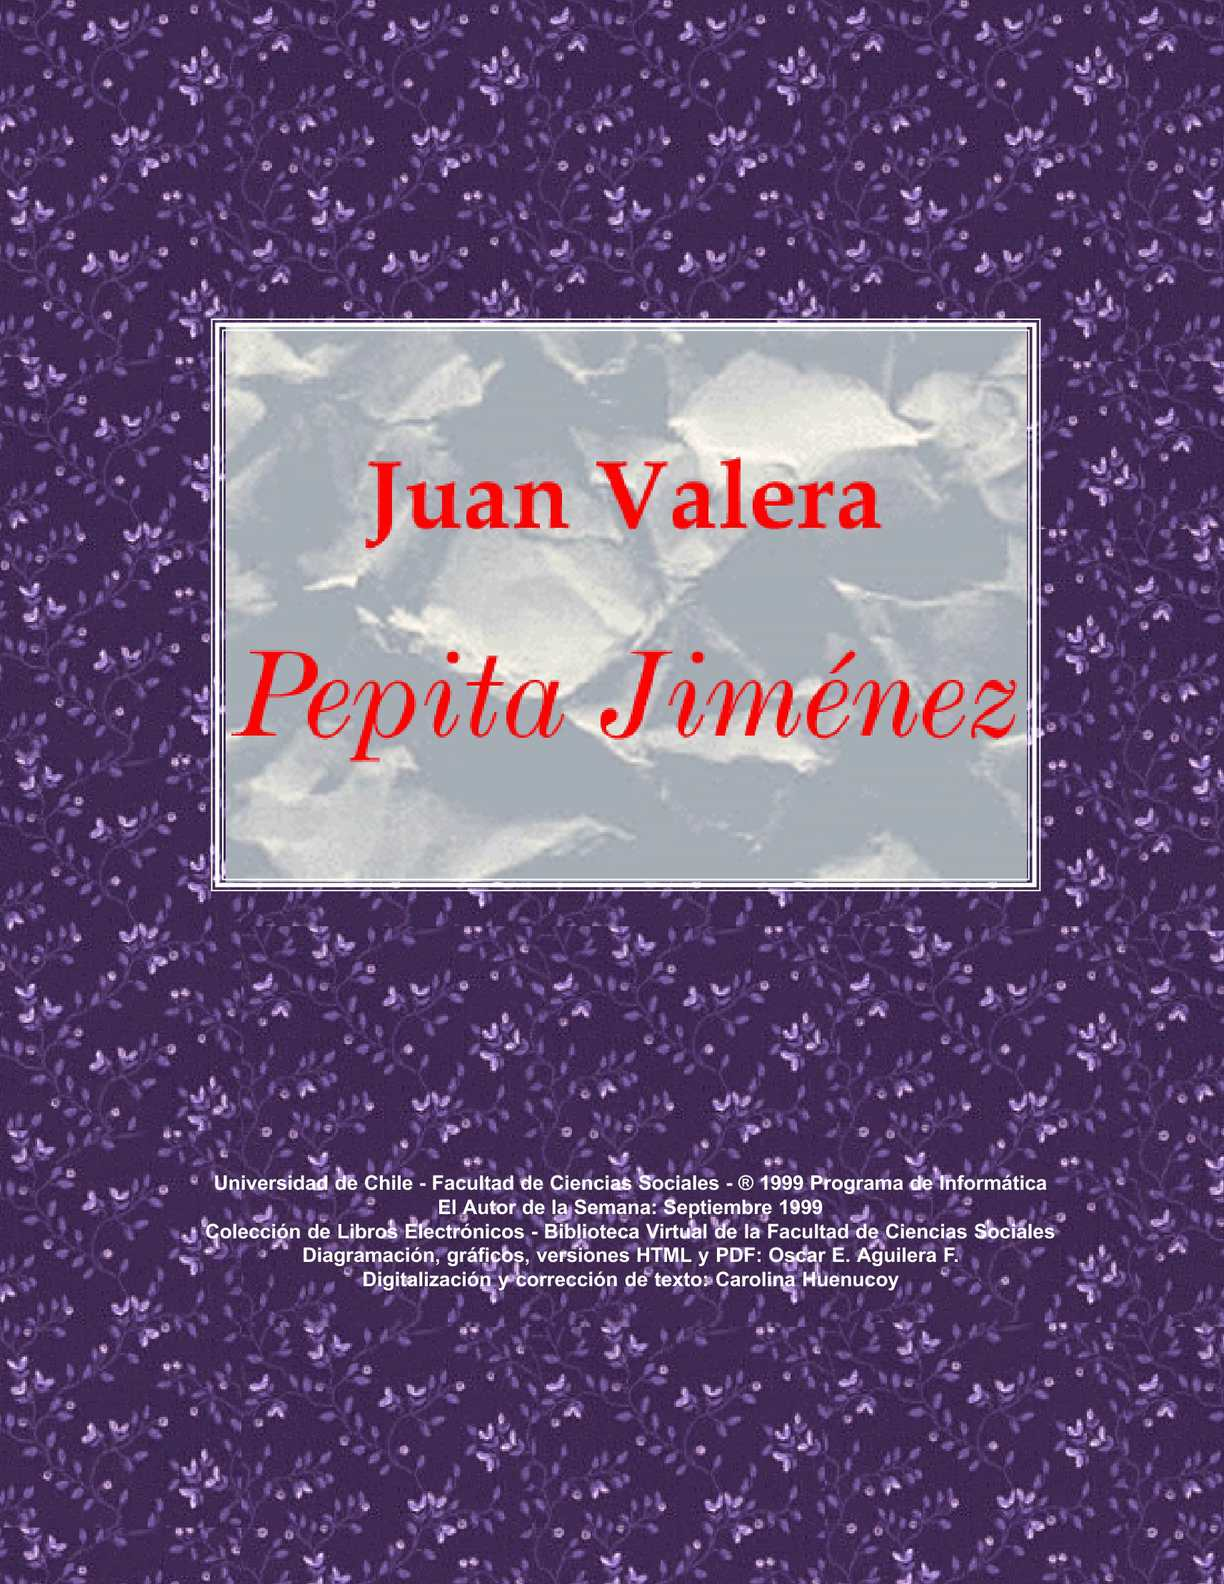 Calaméo - Pepita Jiménez - Juan Valera